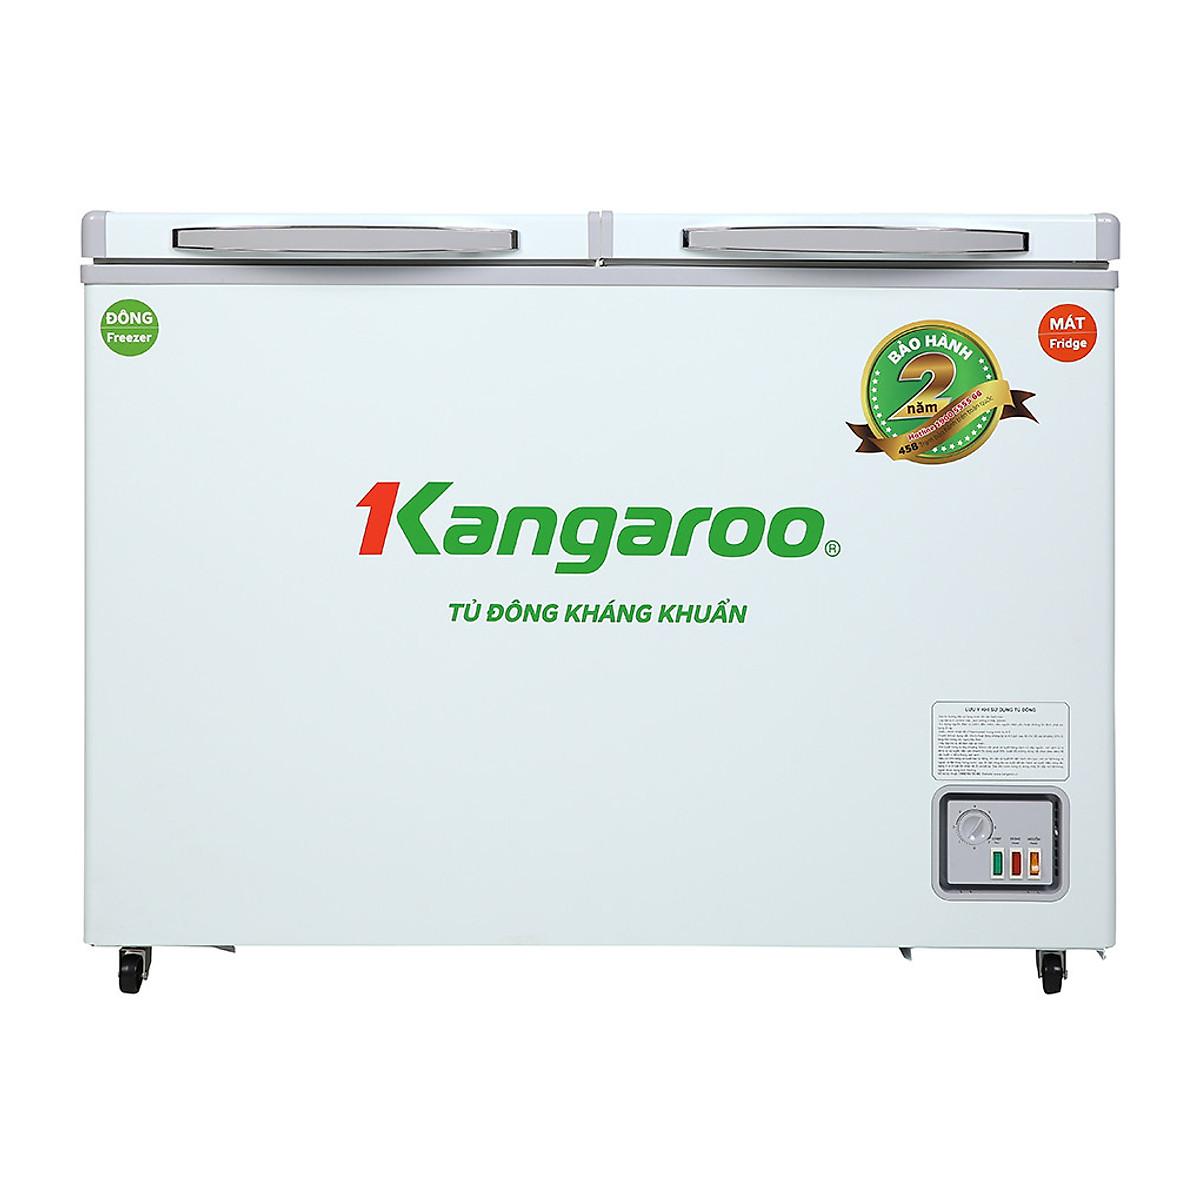 Đánh giá Tủ Đông Mát Kangaroo KG266NC2 (192L)